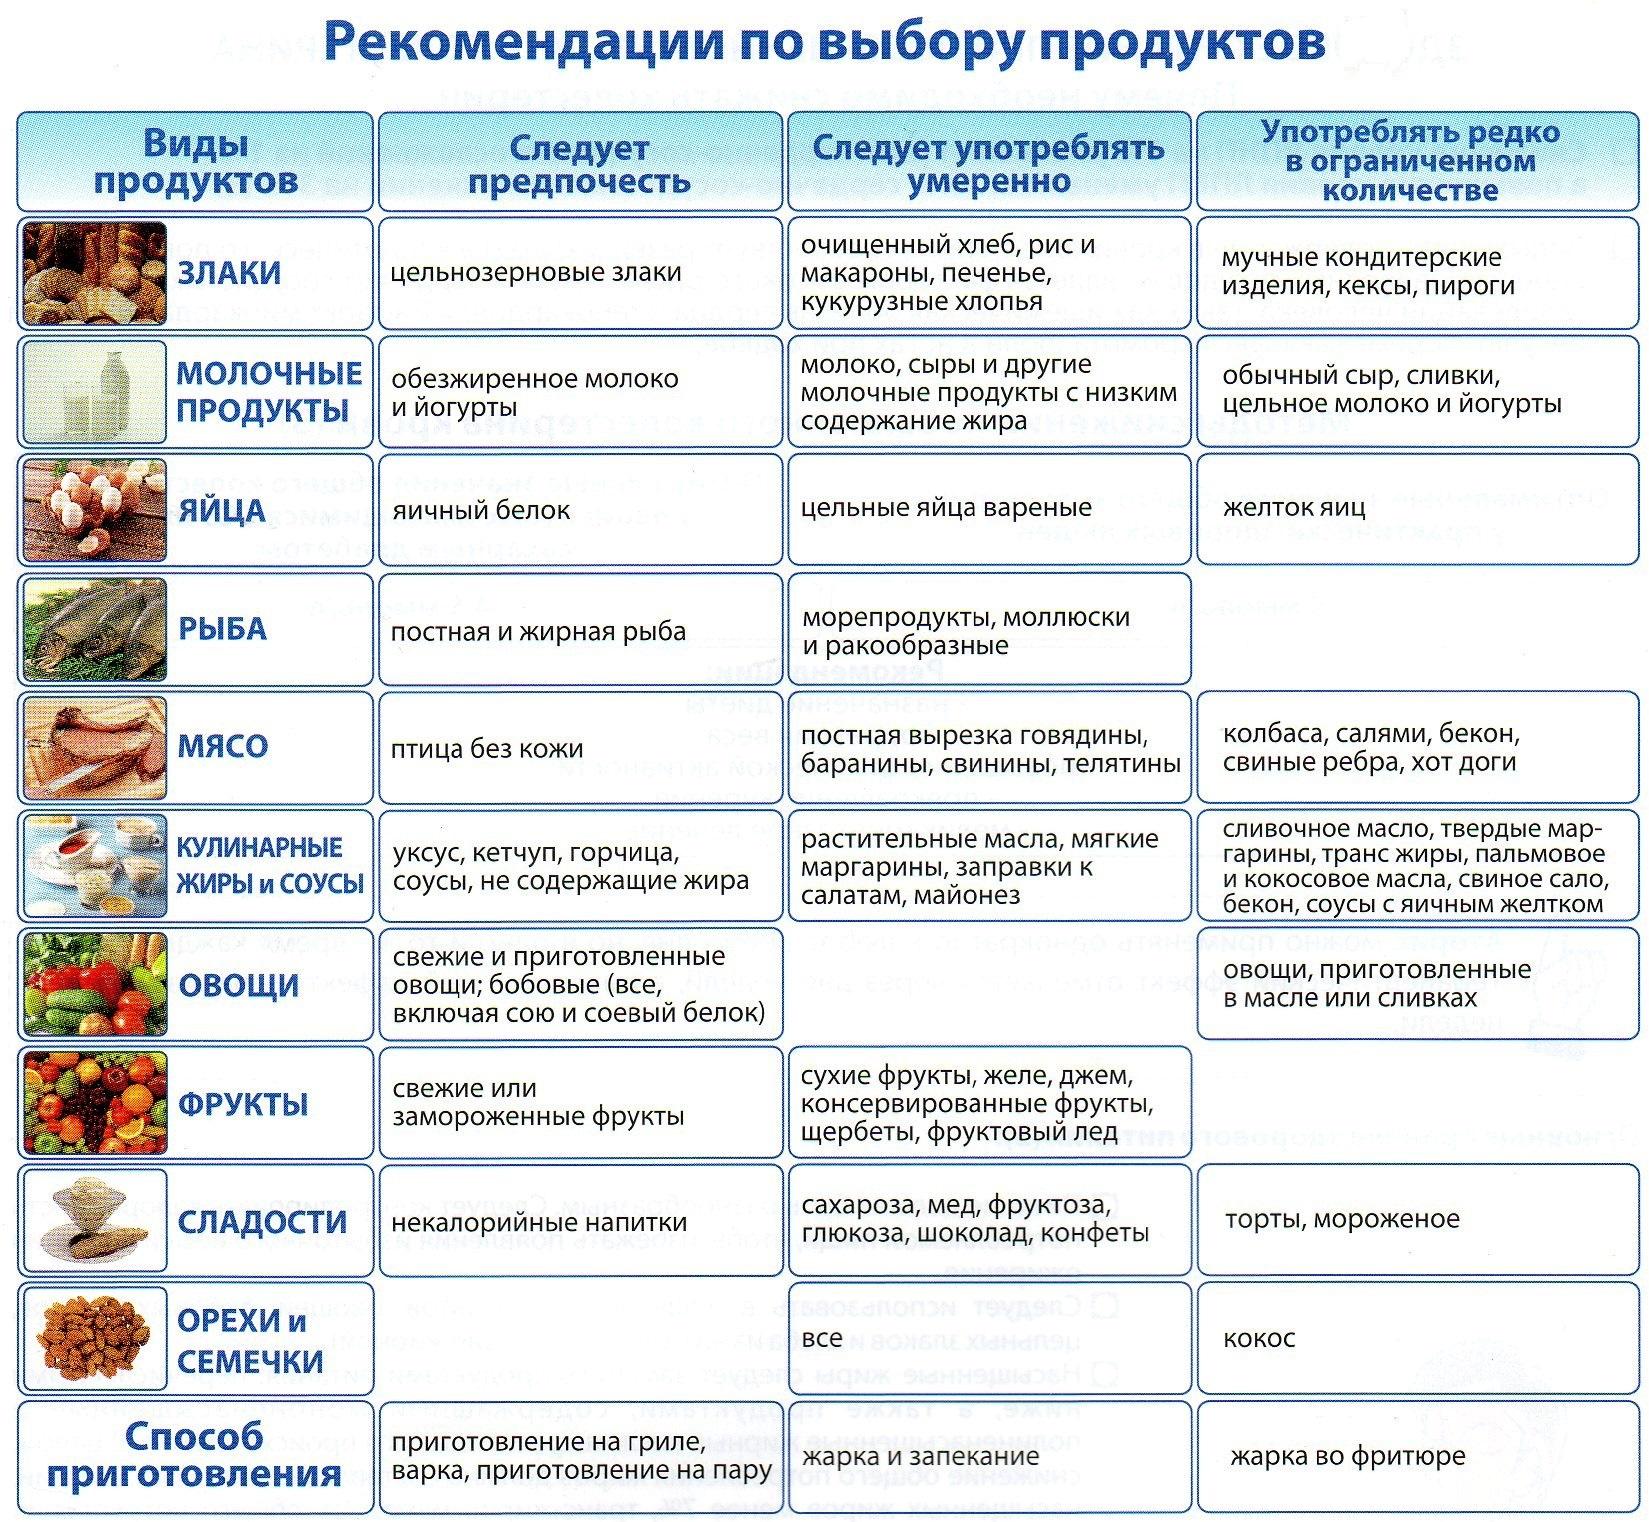 Какая диета при повышенном сахаре в крови